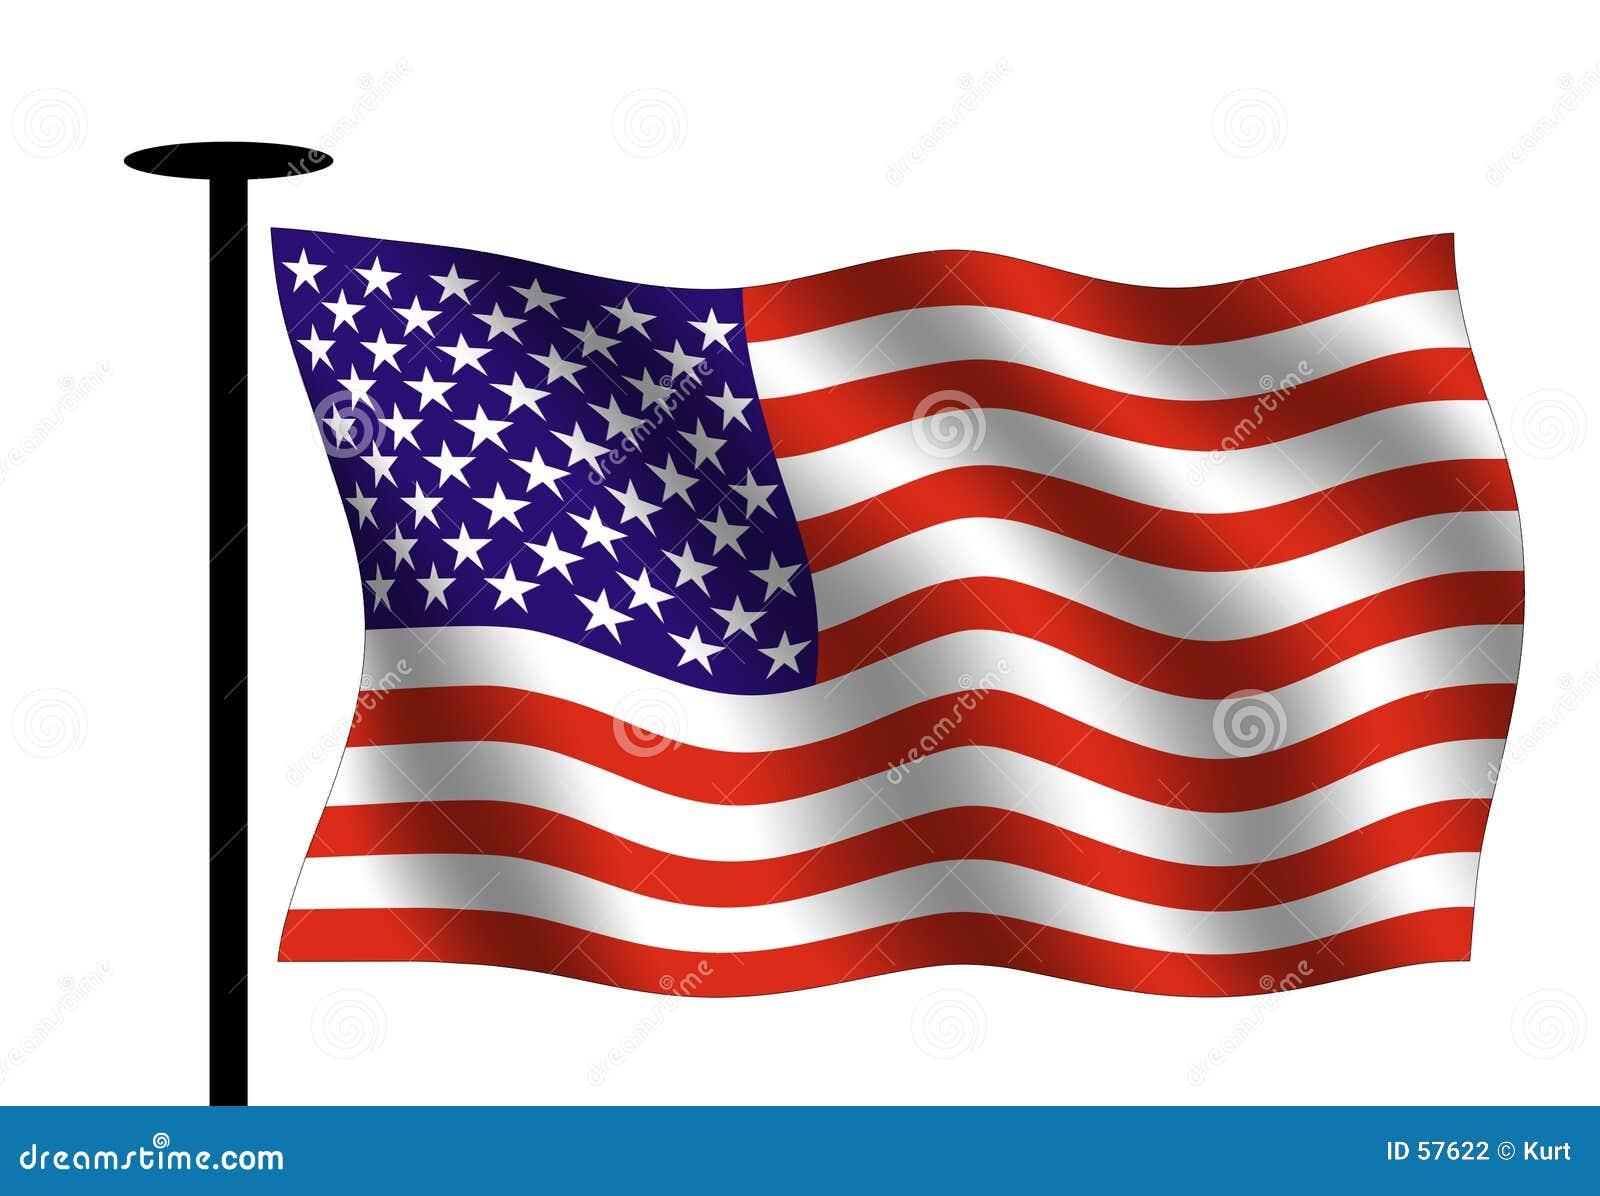 Download Indicateur américain illustration stock. Illustration du jour - 57622